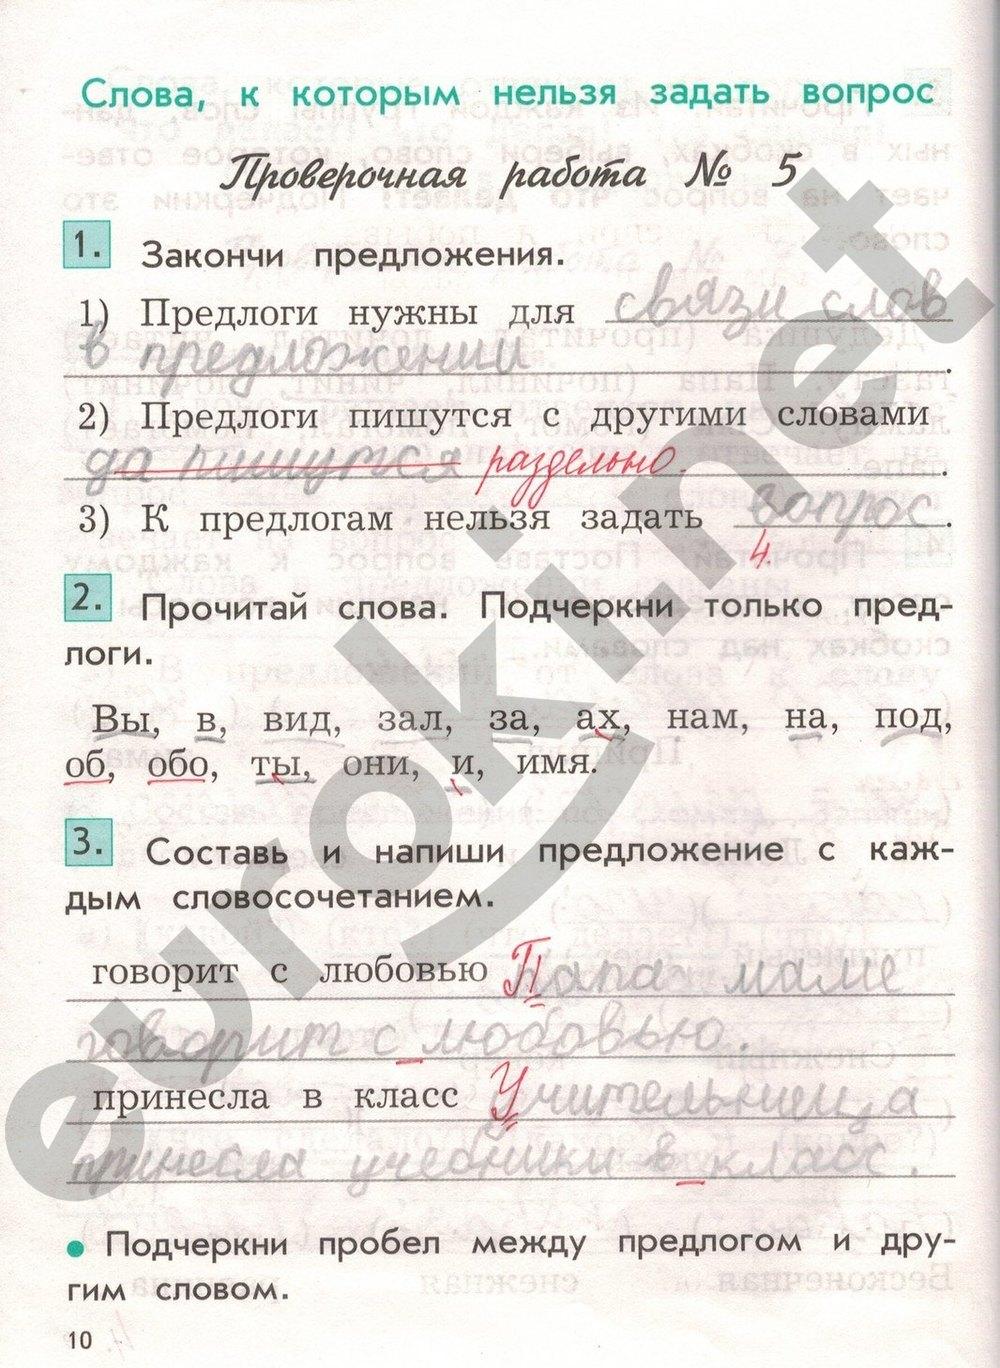 Гдз по проверочным и контрольным работа русский язык 3 класс вариант 2